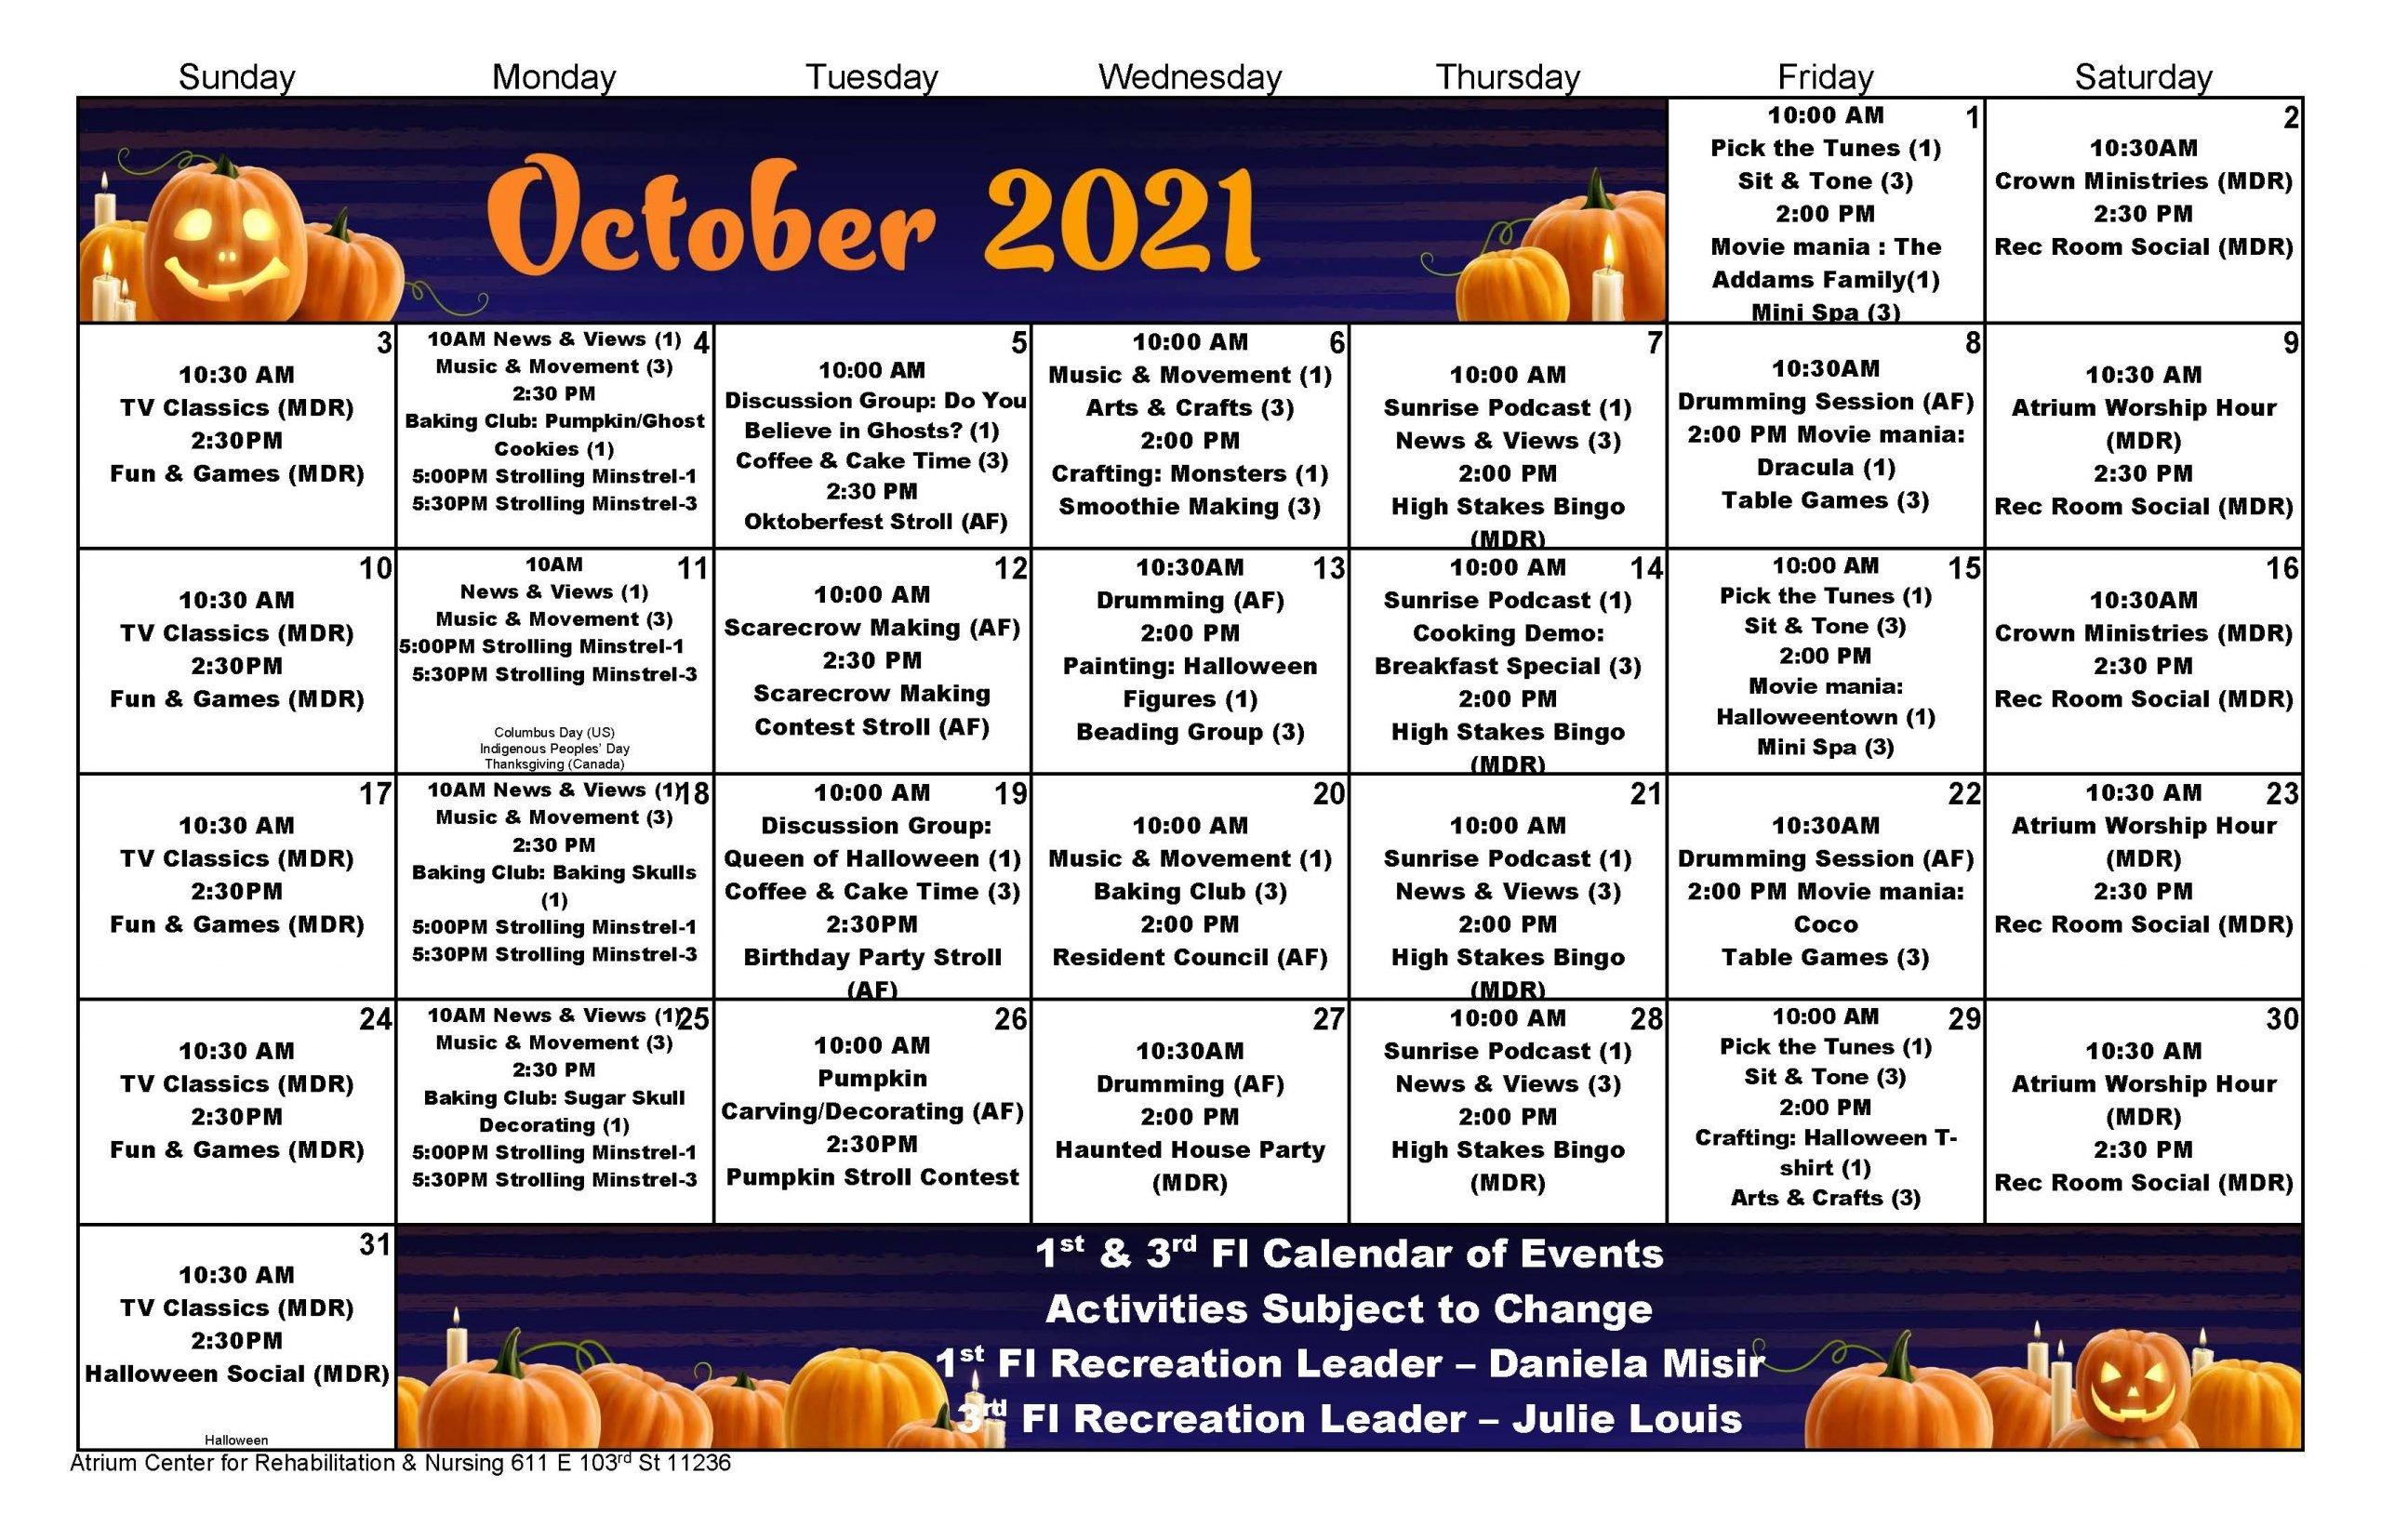 Atrium Center October 2021 Calendar - Rehab